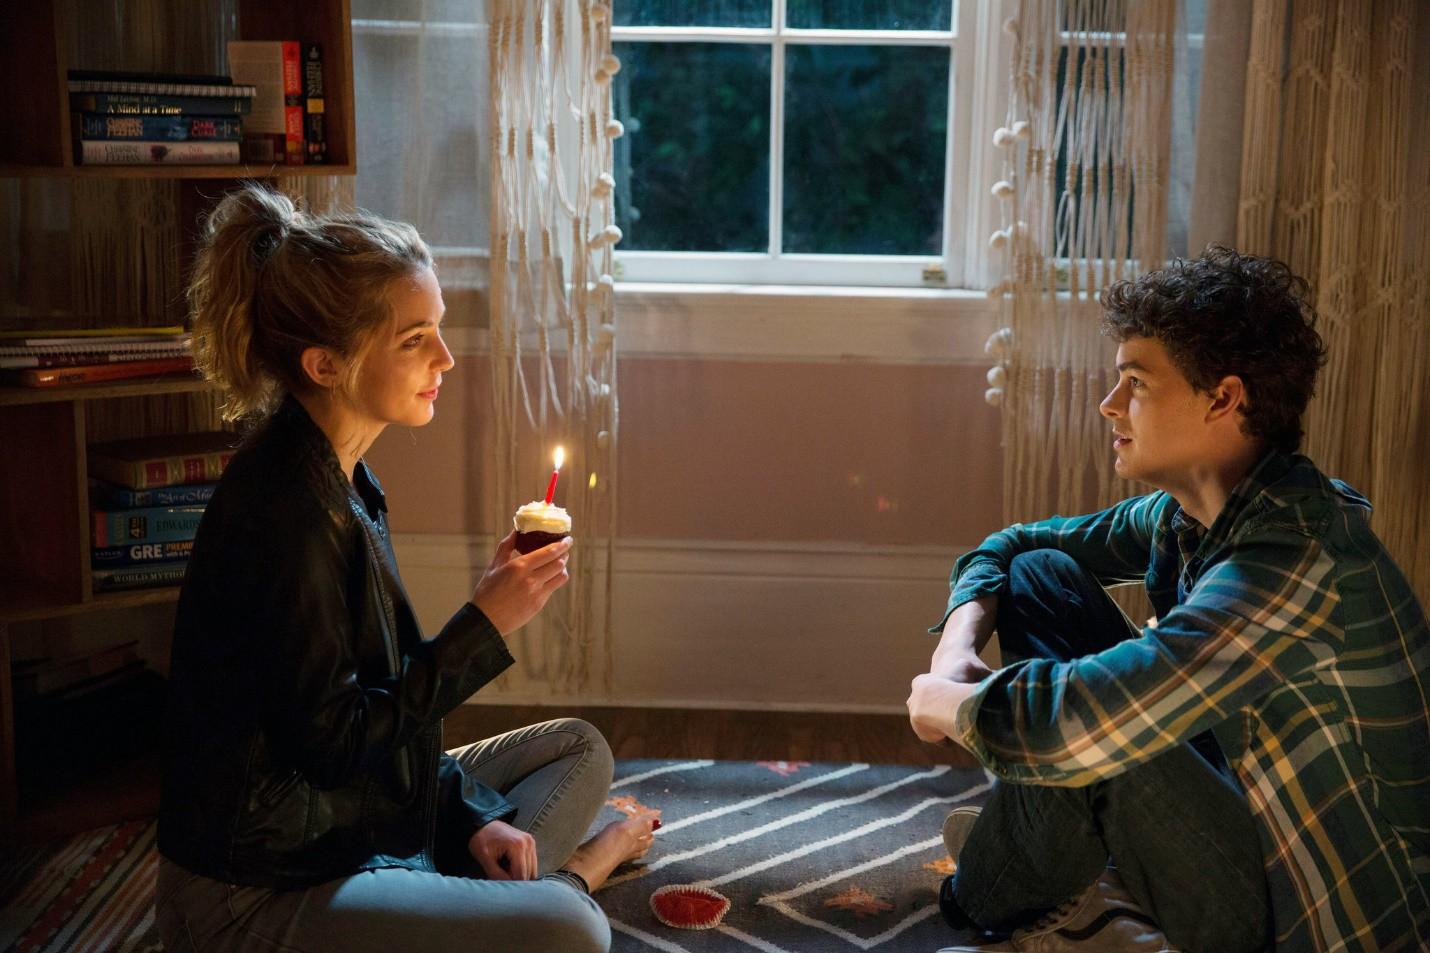 Ra rạp xem phim vào Valentine nhất định gặp ngay 5 cặp đôi gây bão này! - Ảnh 2.